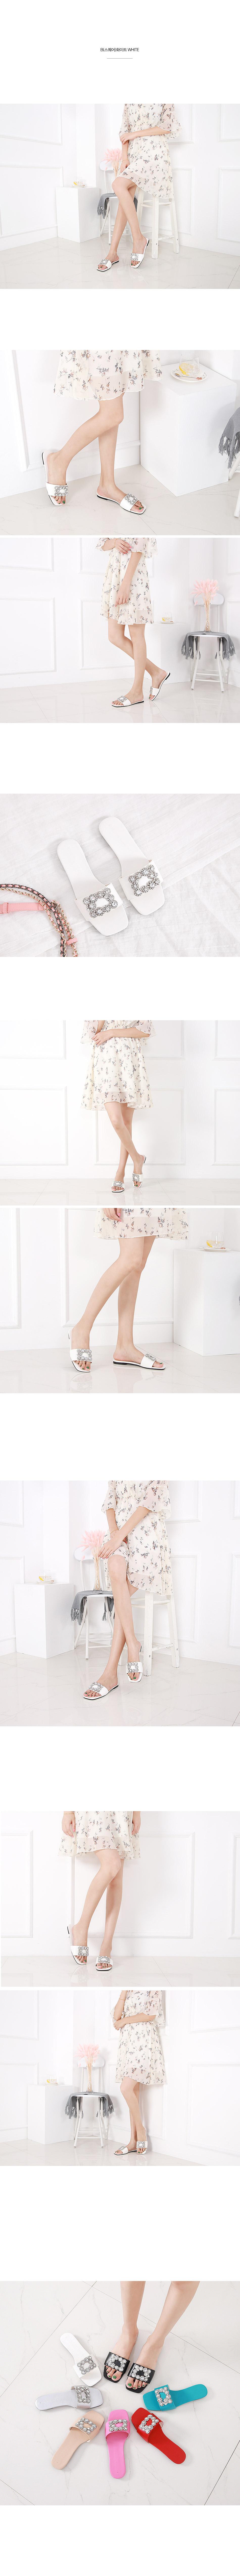 Isshu jewelry low heel slippers 5261